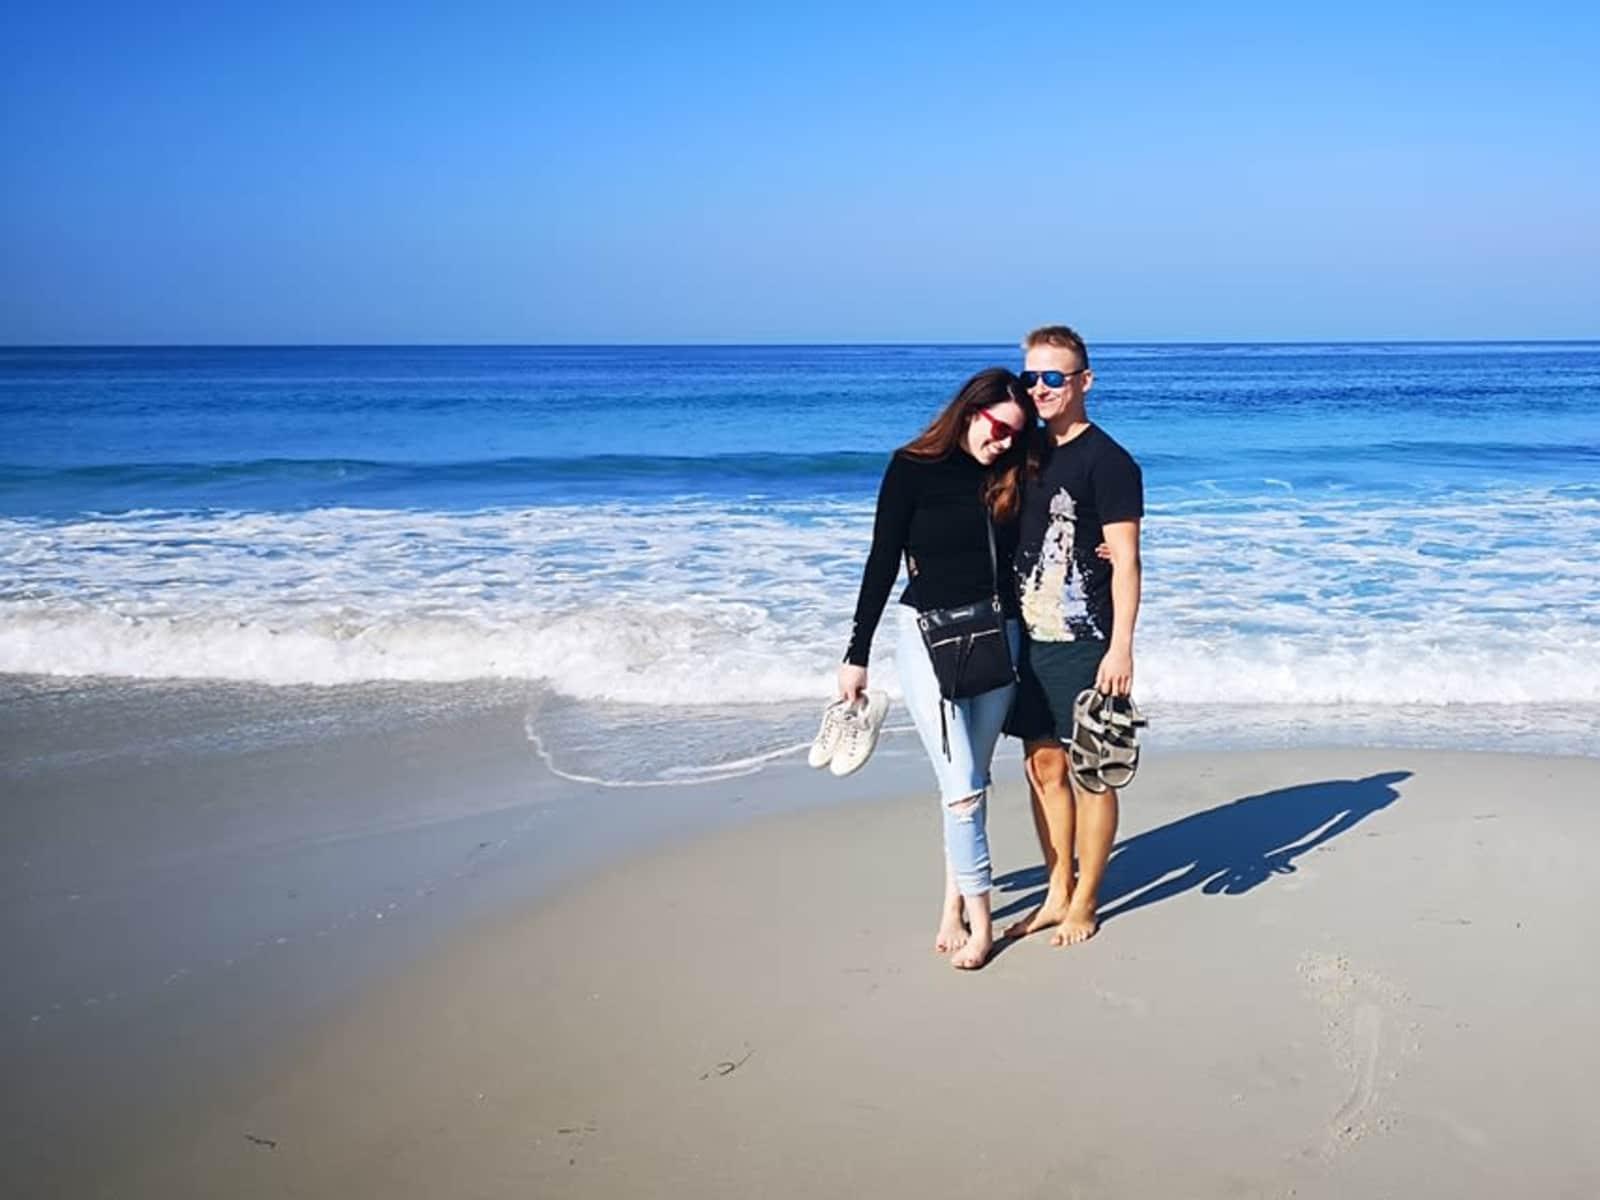 Sarah-jayne & Patrik from Treuddyn, United Kingdom